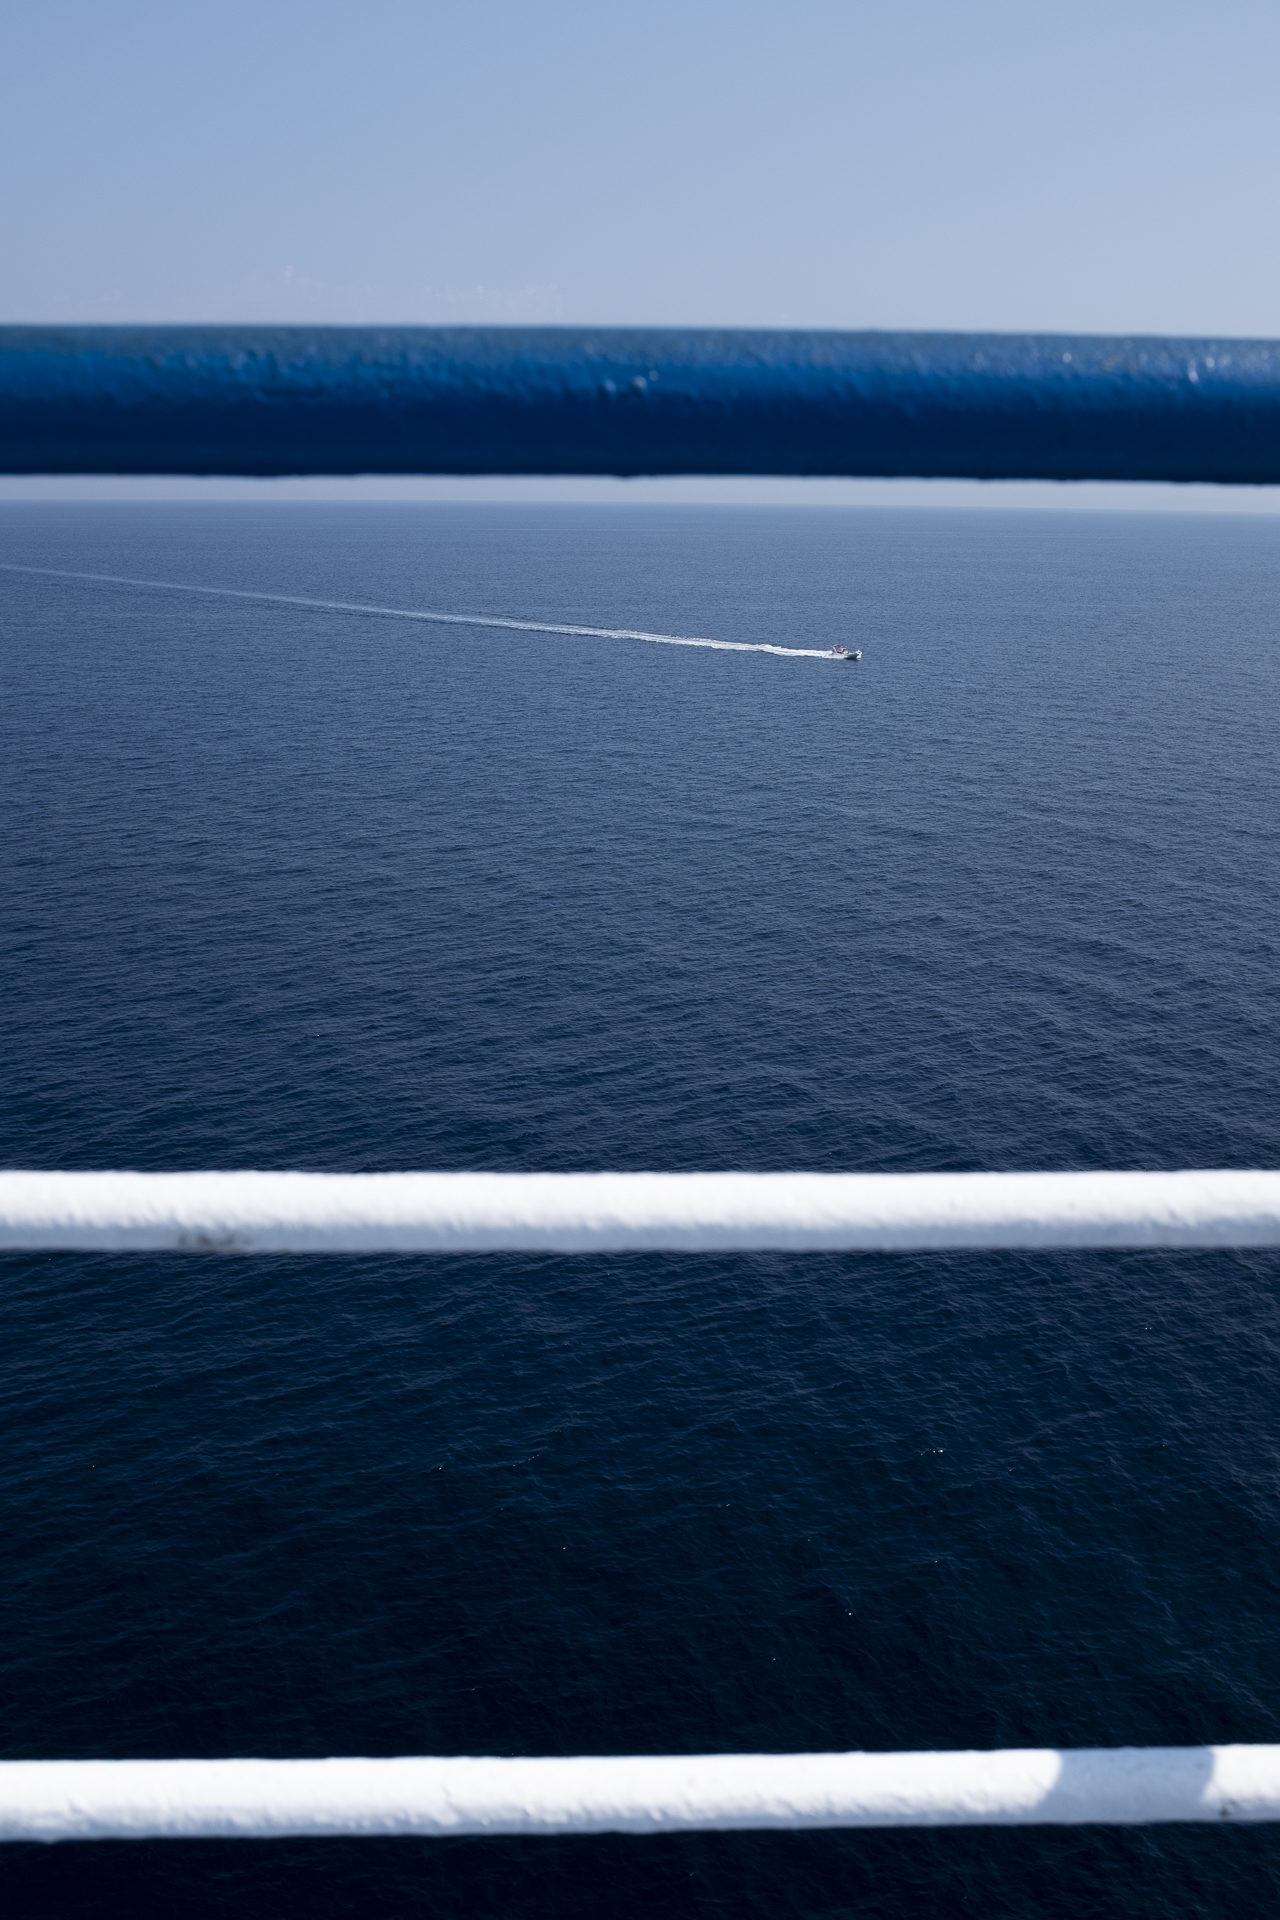 ferry_1920_copyright_thomas_schmidt_iconworx_009